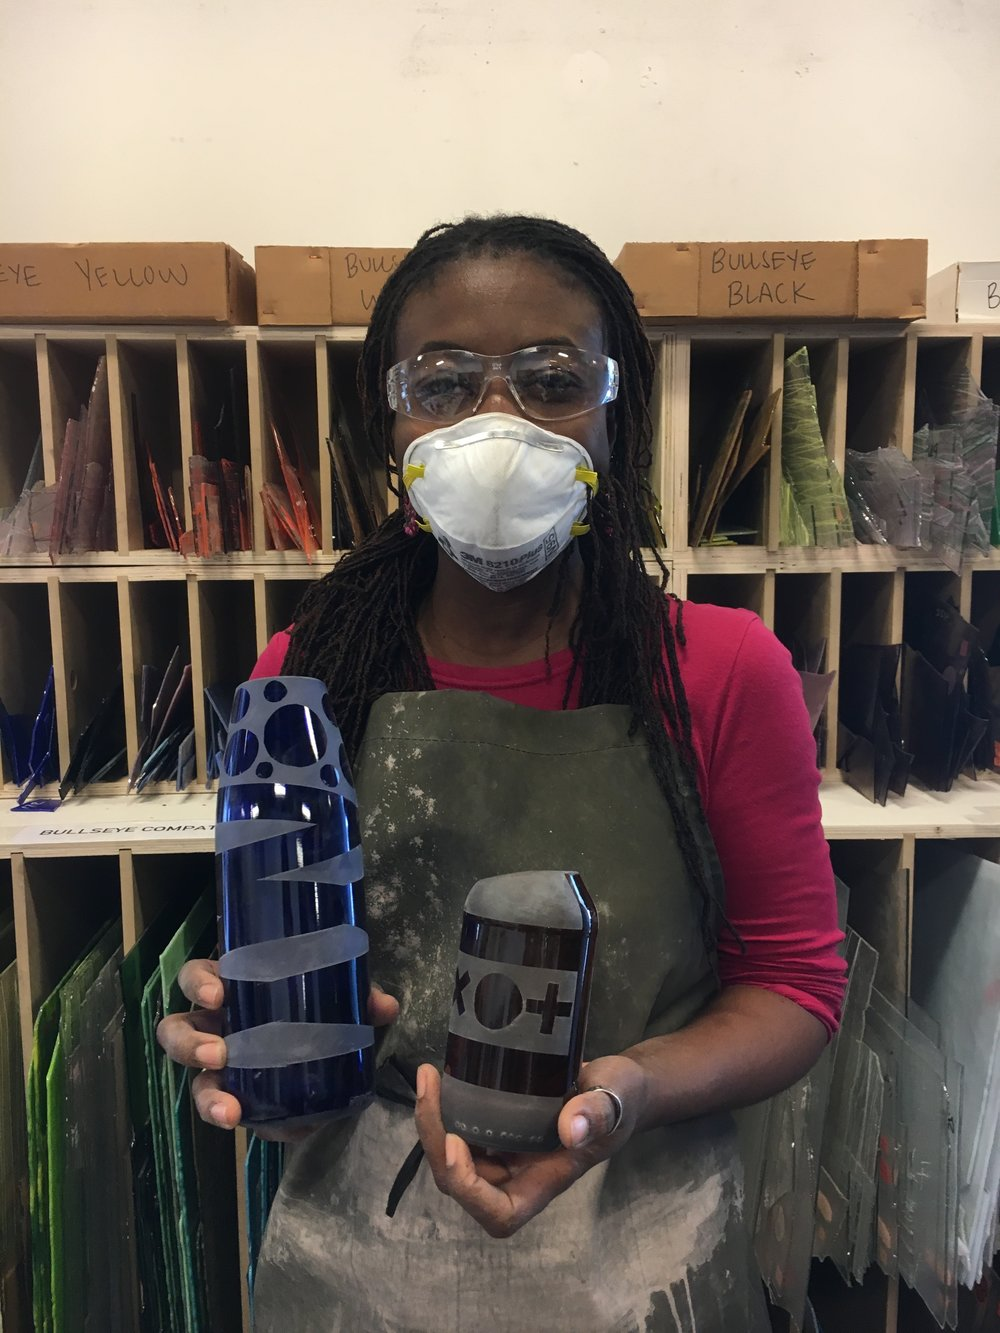 Ama holding bottles / vases